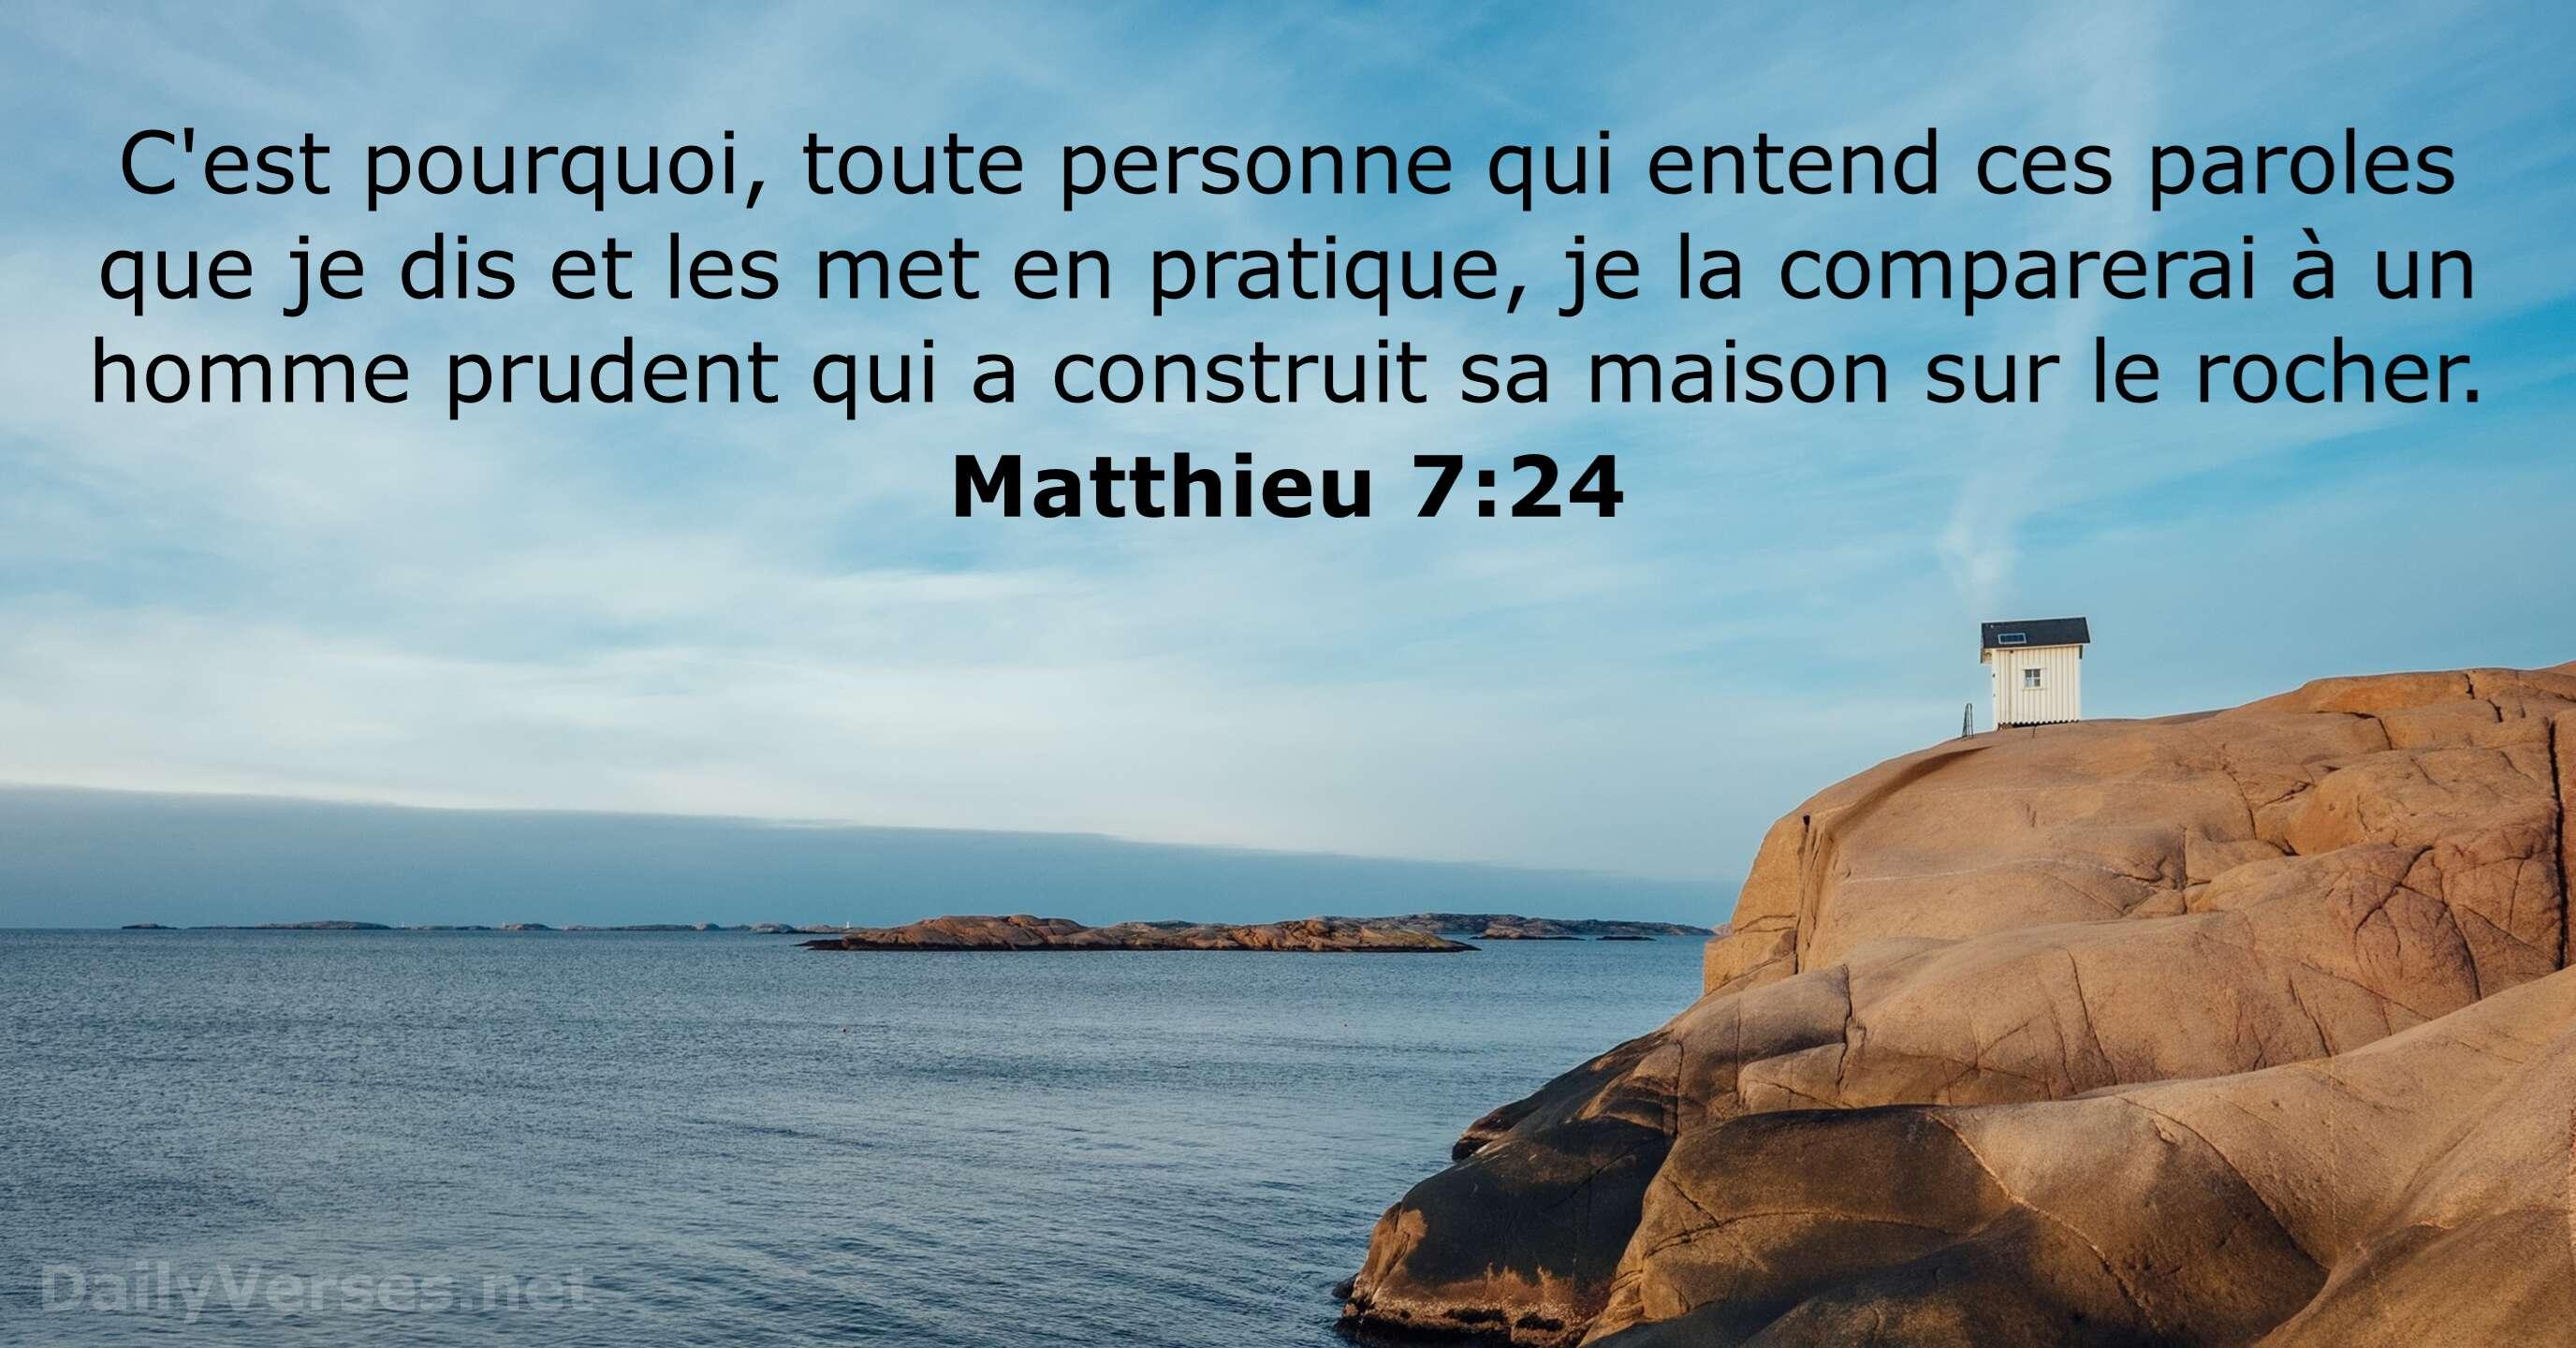 matthieu-7-24-2